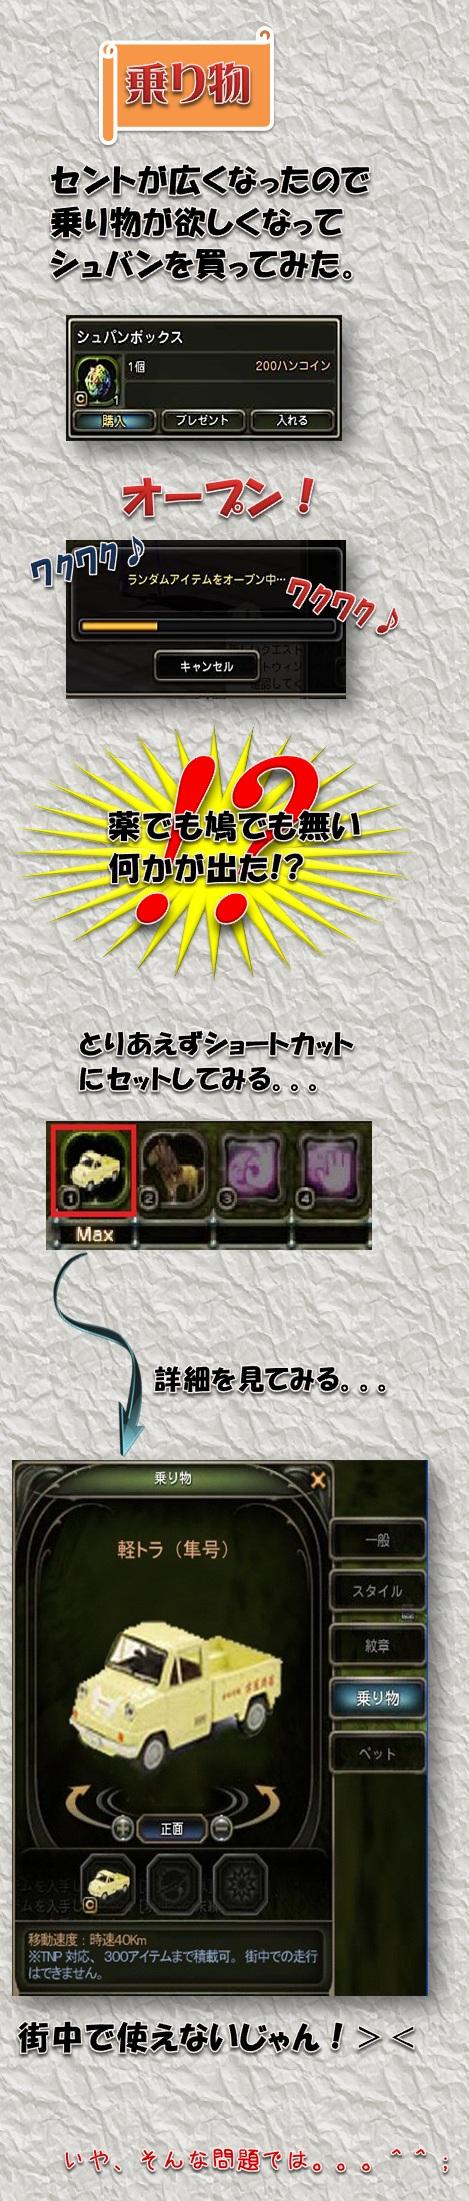 20130806_02.jpg